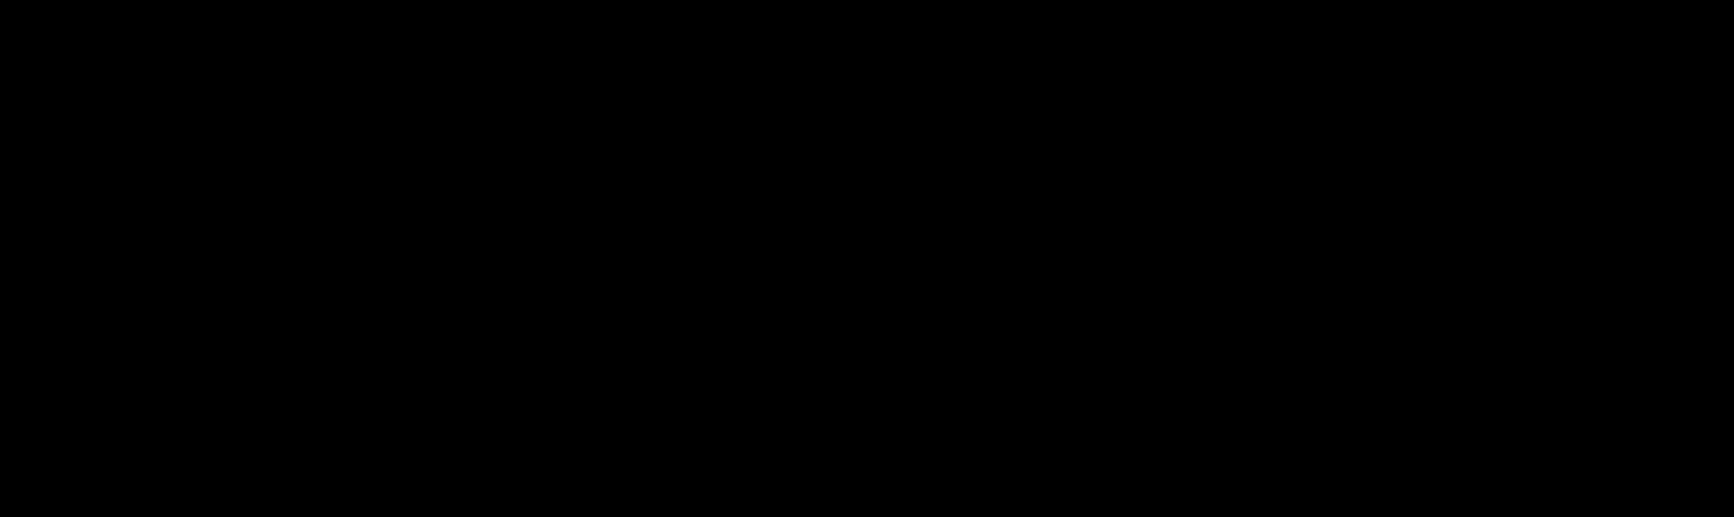 DENON PMA-600NE-1